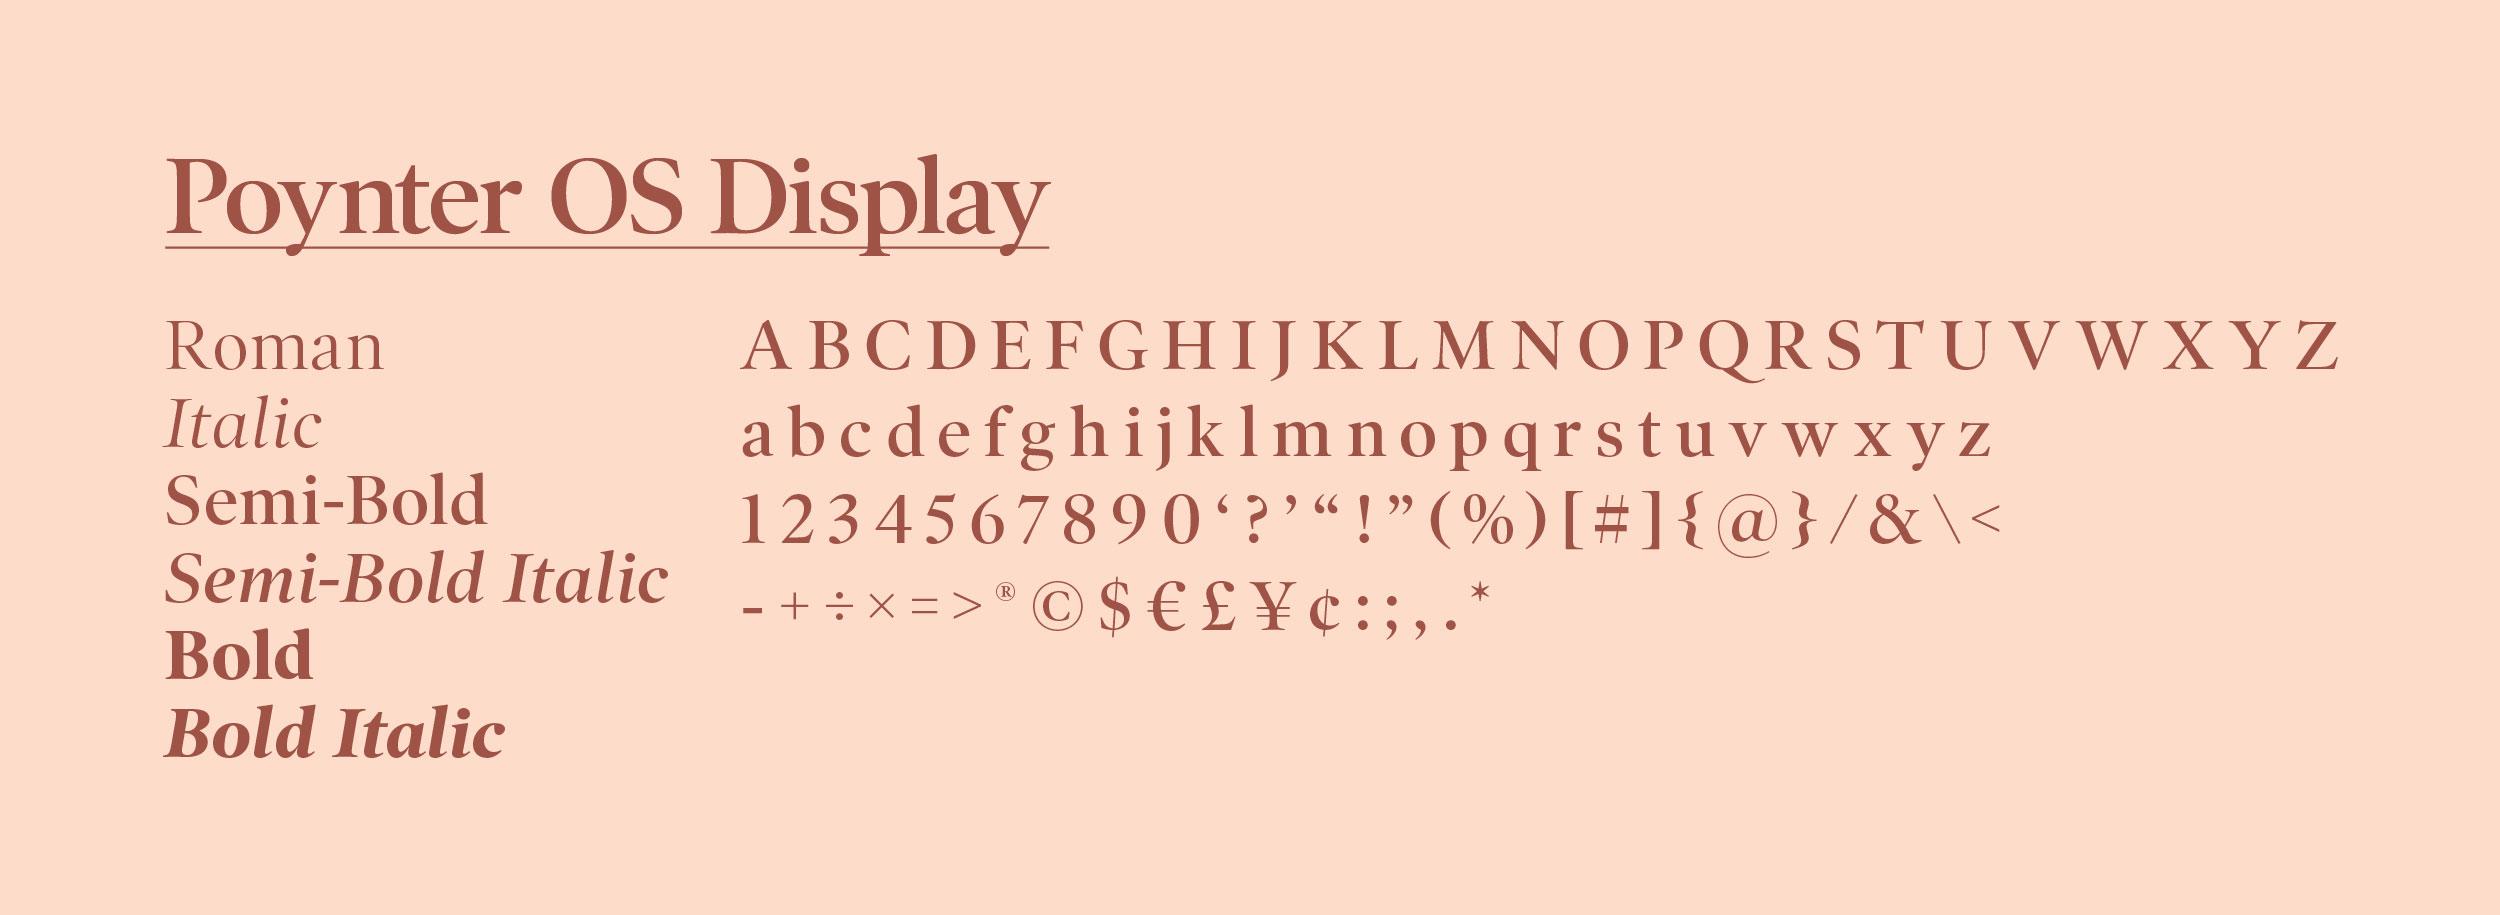 poynter-brand-font.jpg